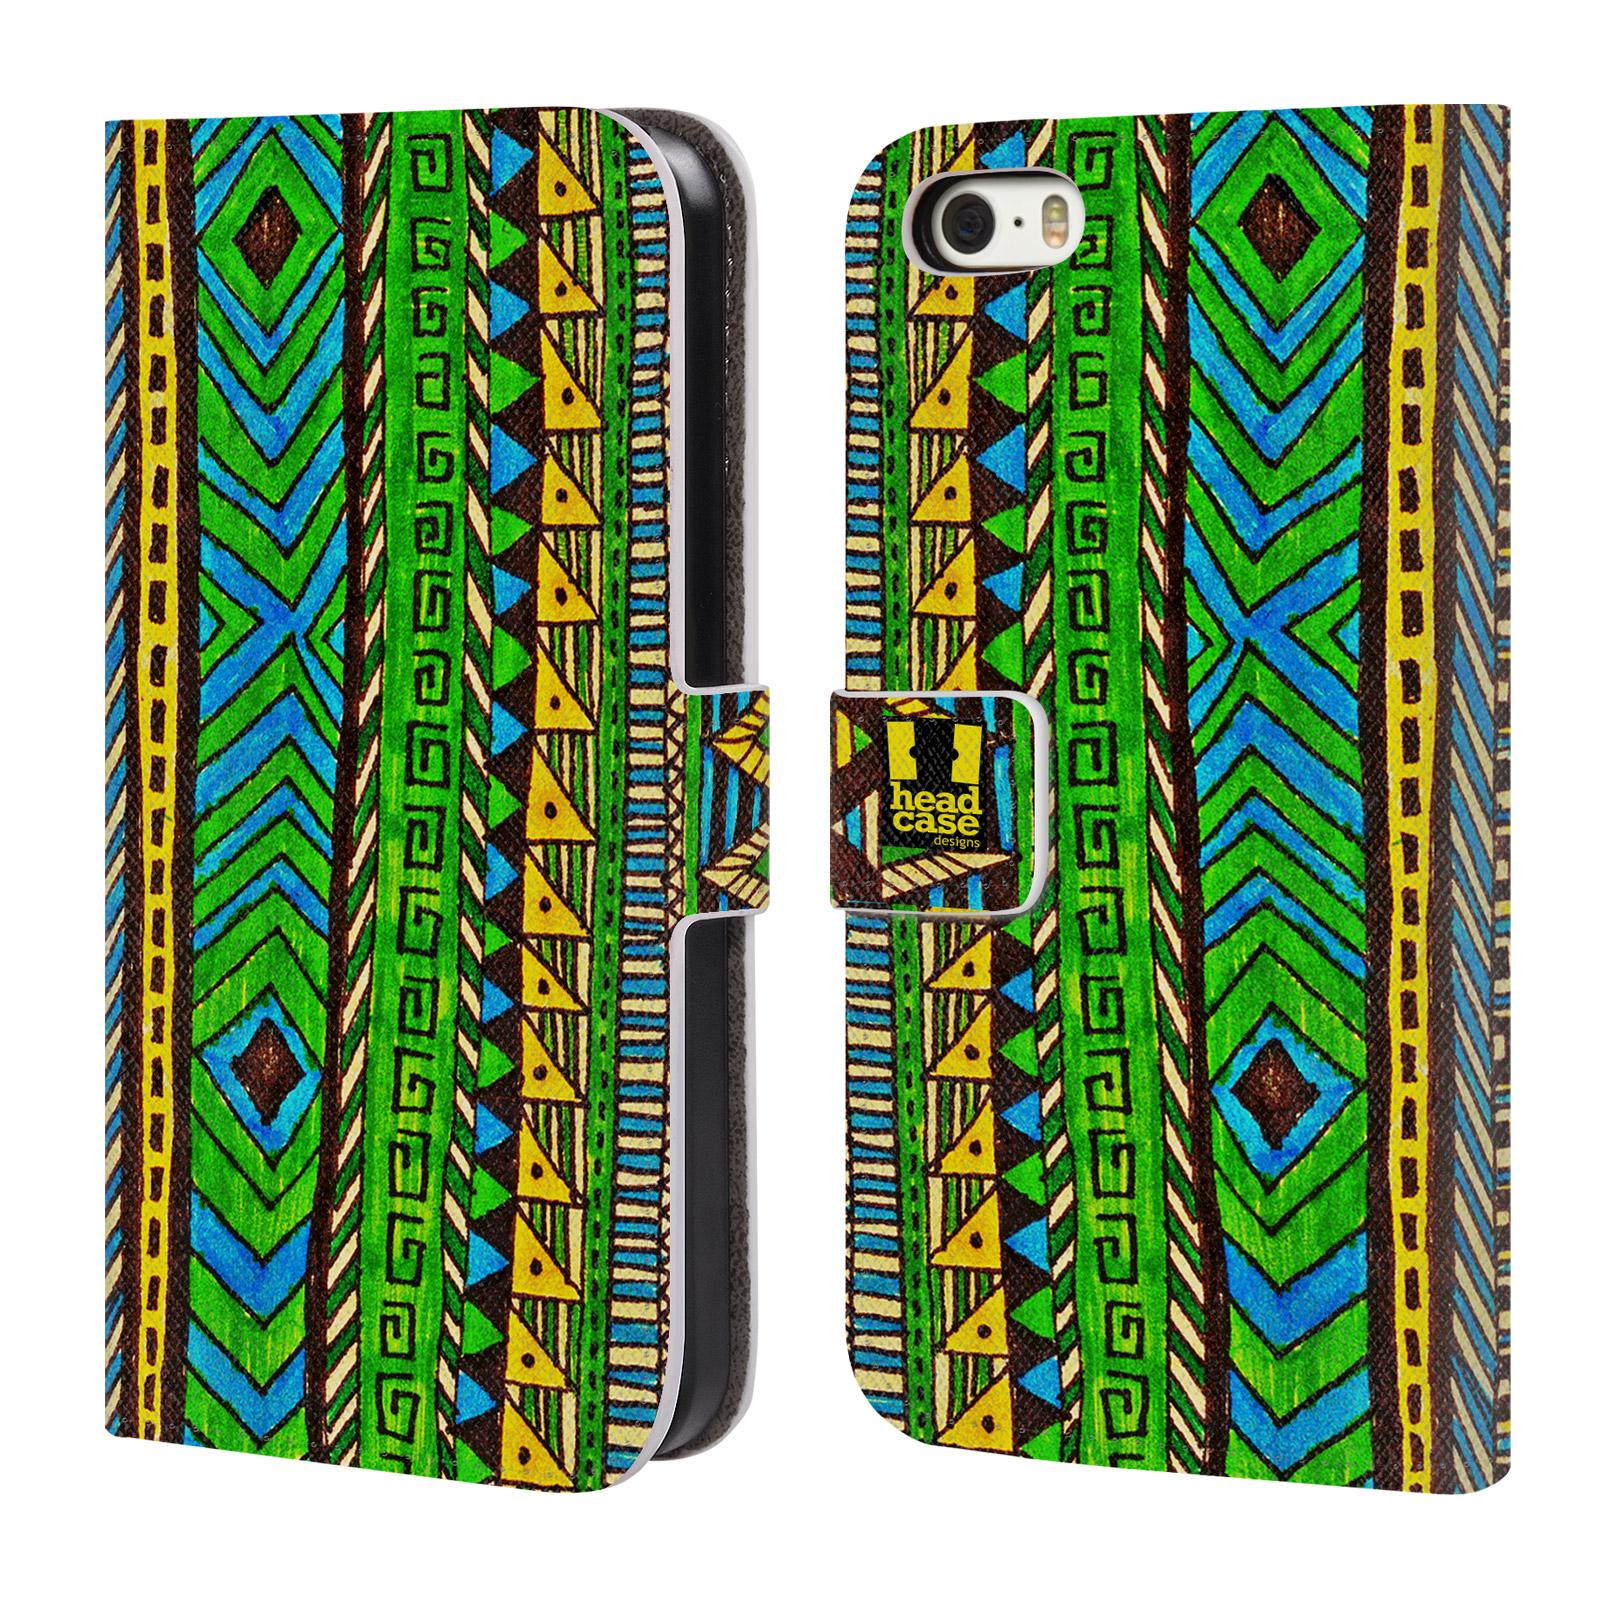 HEAD CASE Flipové pouzdro pro mobil Apple Iphone 5/5s Barevná aztécká čmáranice zelená